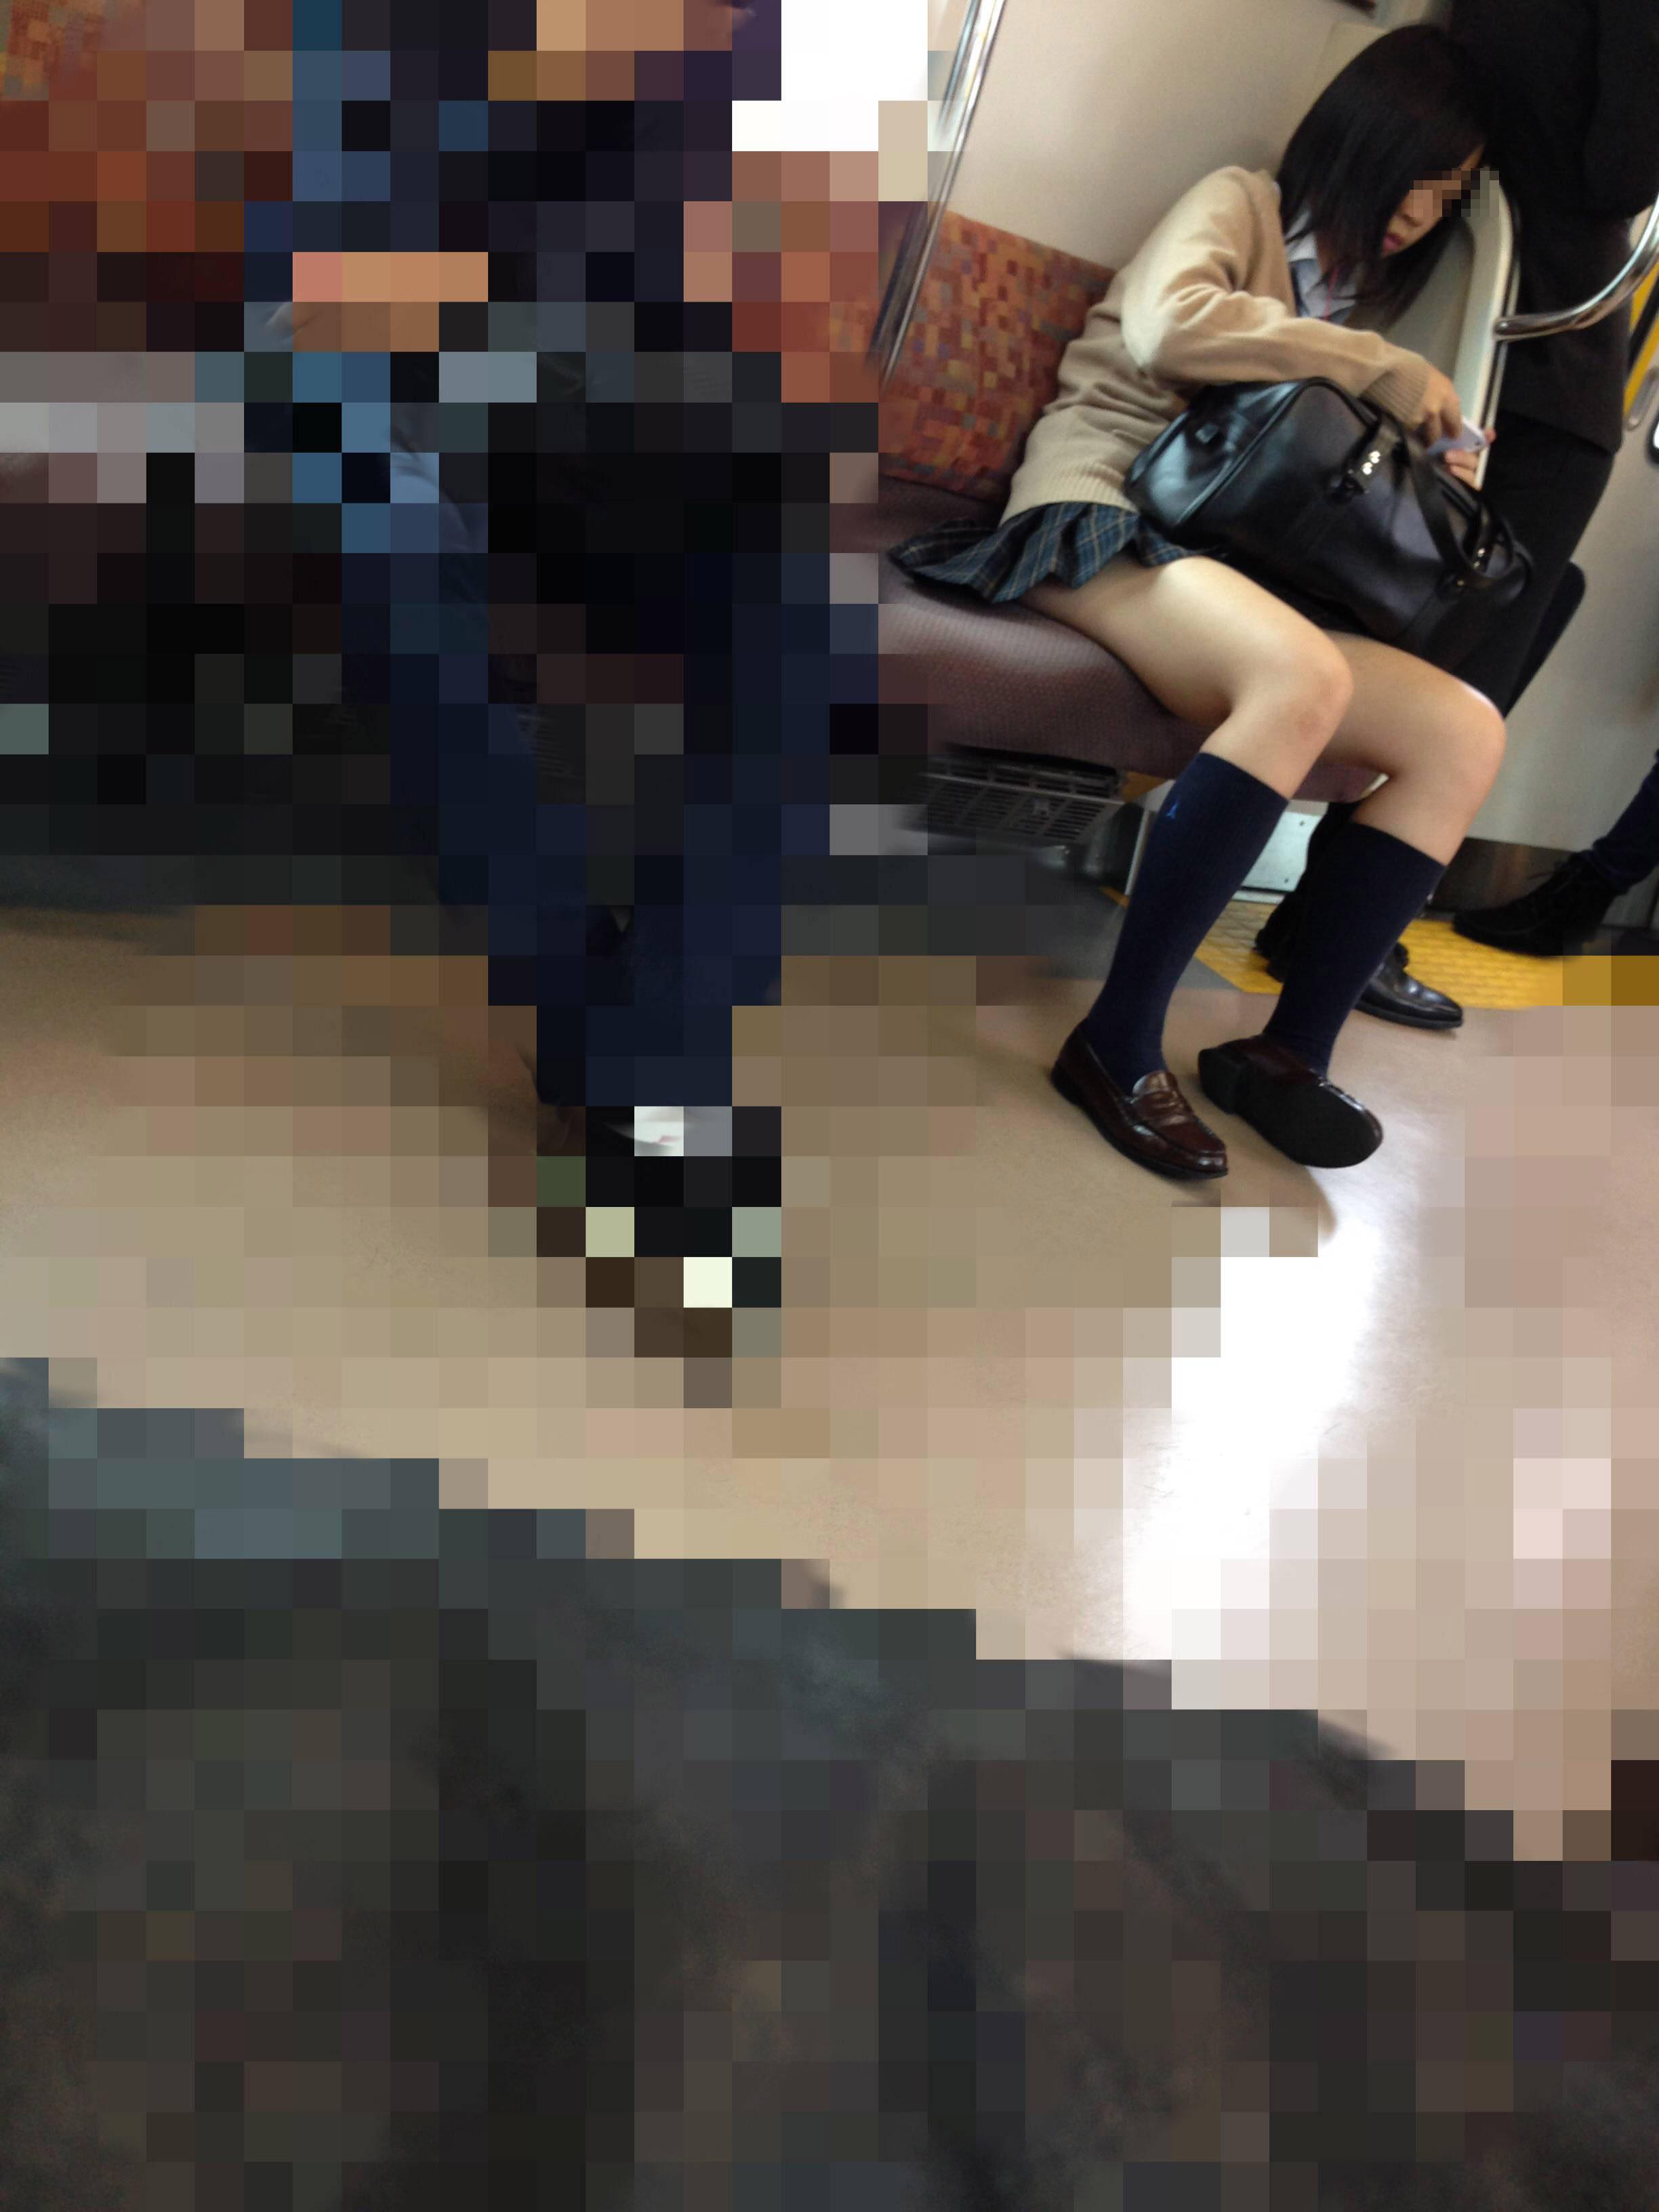 電車内でミニスカ姿で座ってるJKのエロさが異常な件